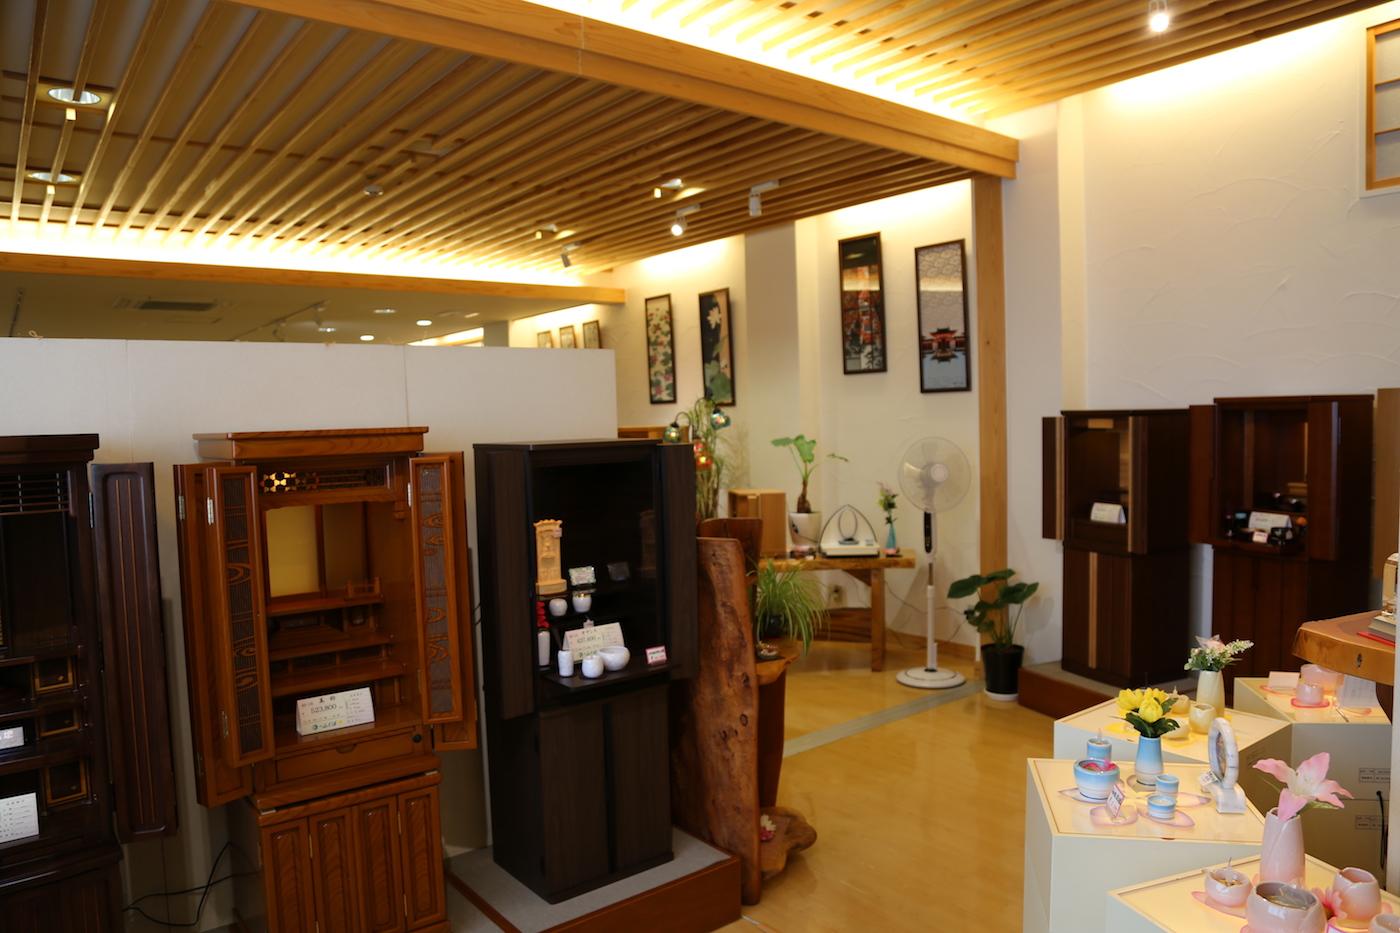 ふくば 福島 仏壇 写真ギャラリー画像31